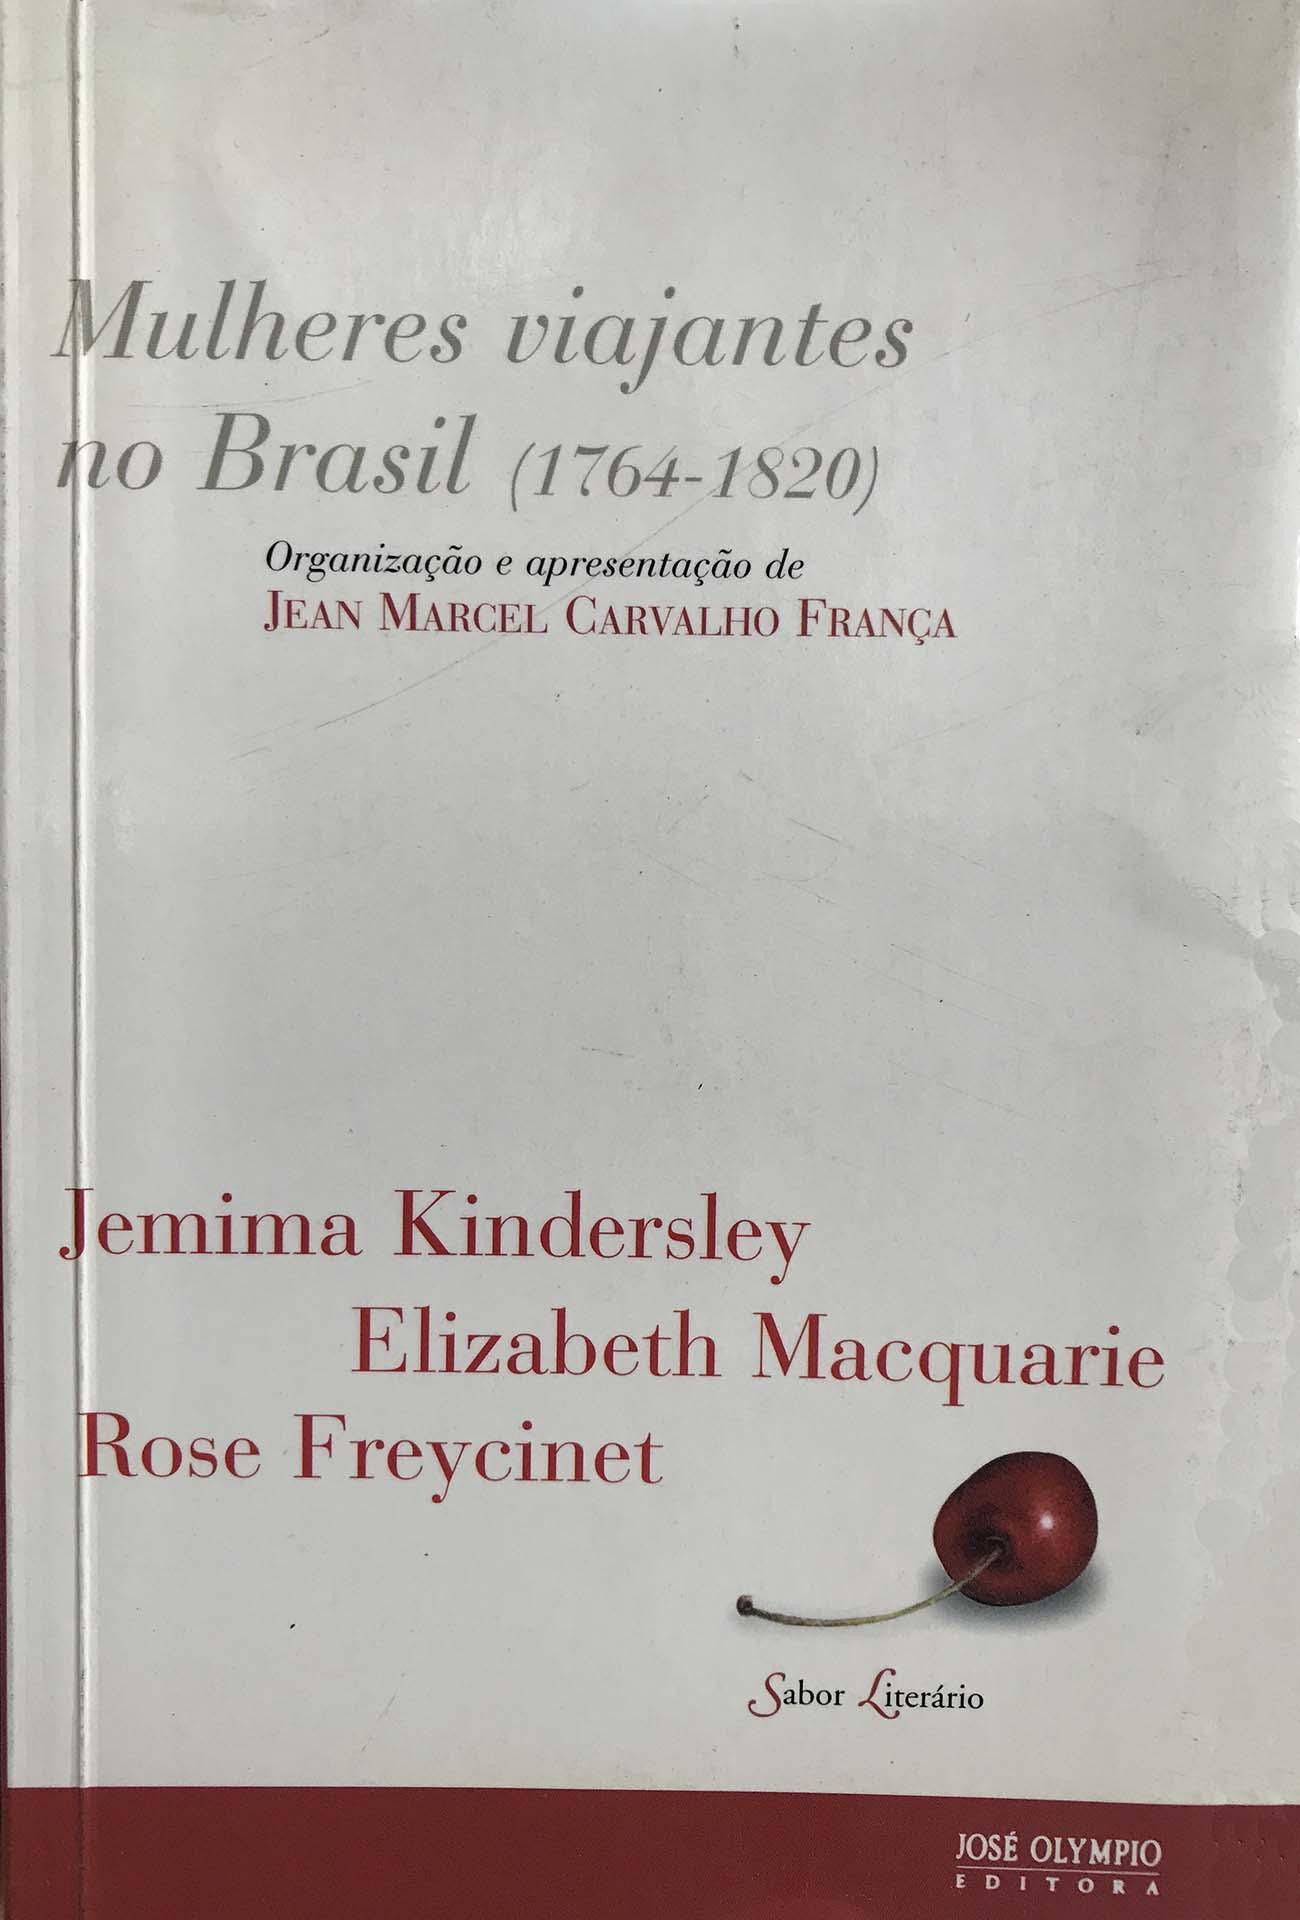 O livro Mulheres Viajantes no Brasil é da José Olympio Editora